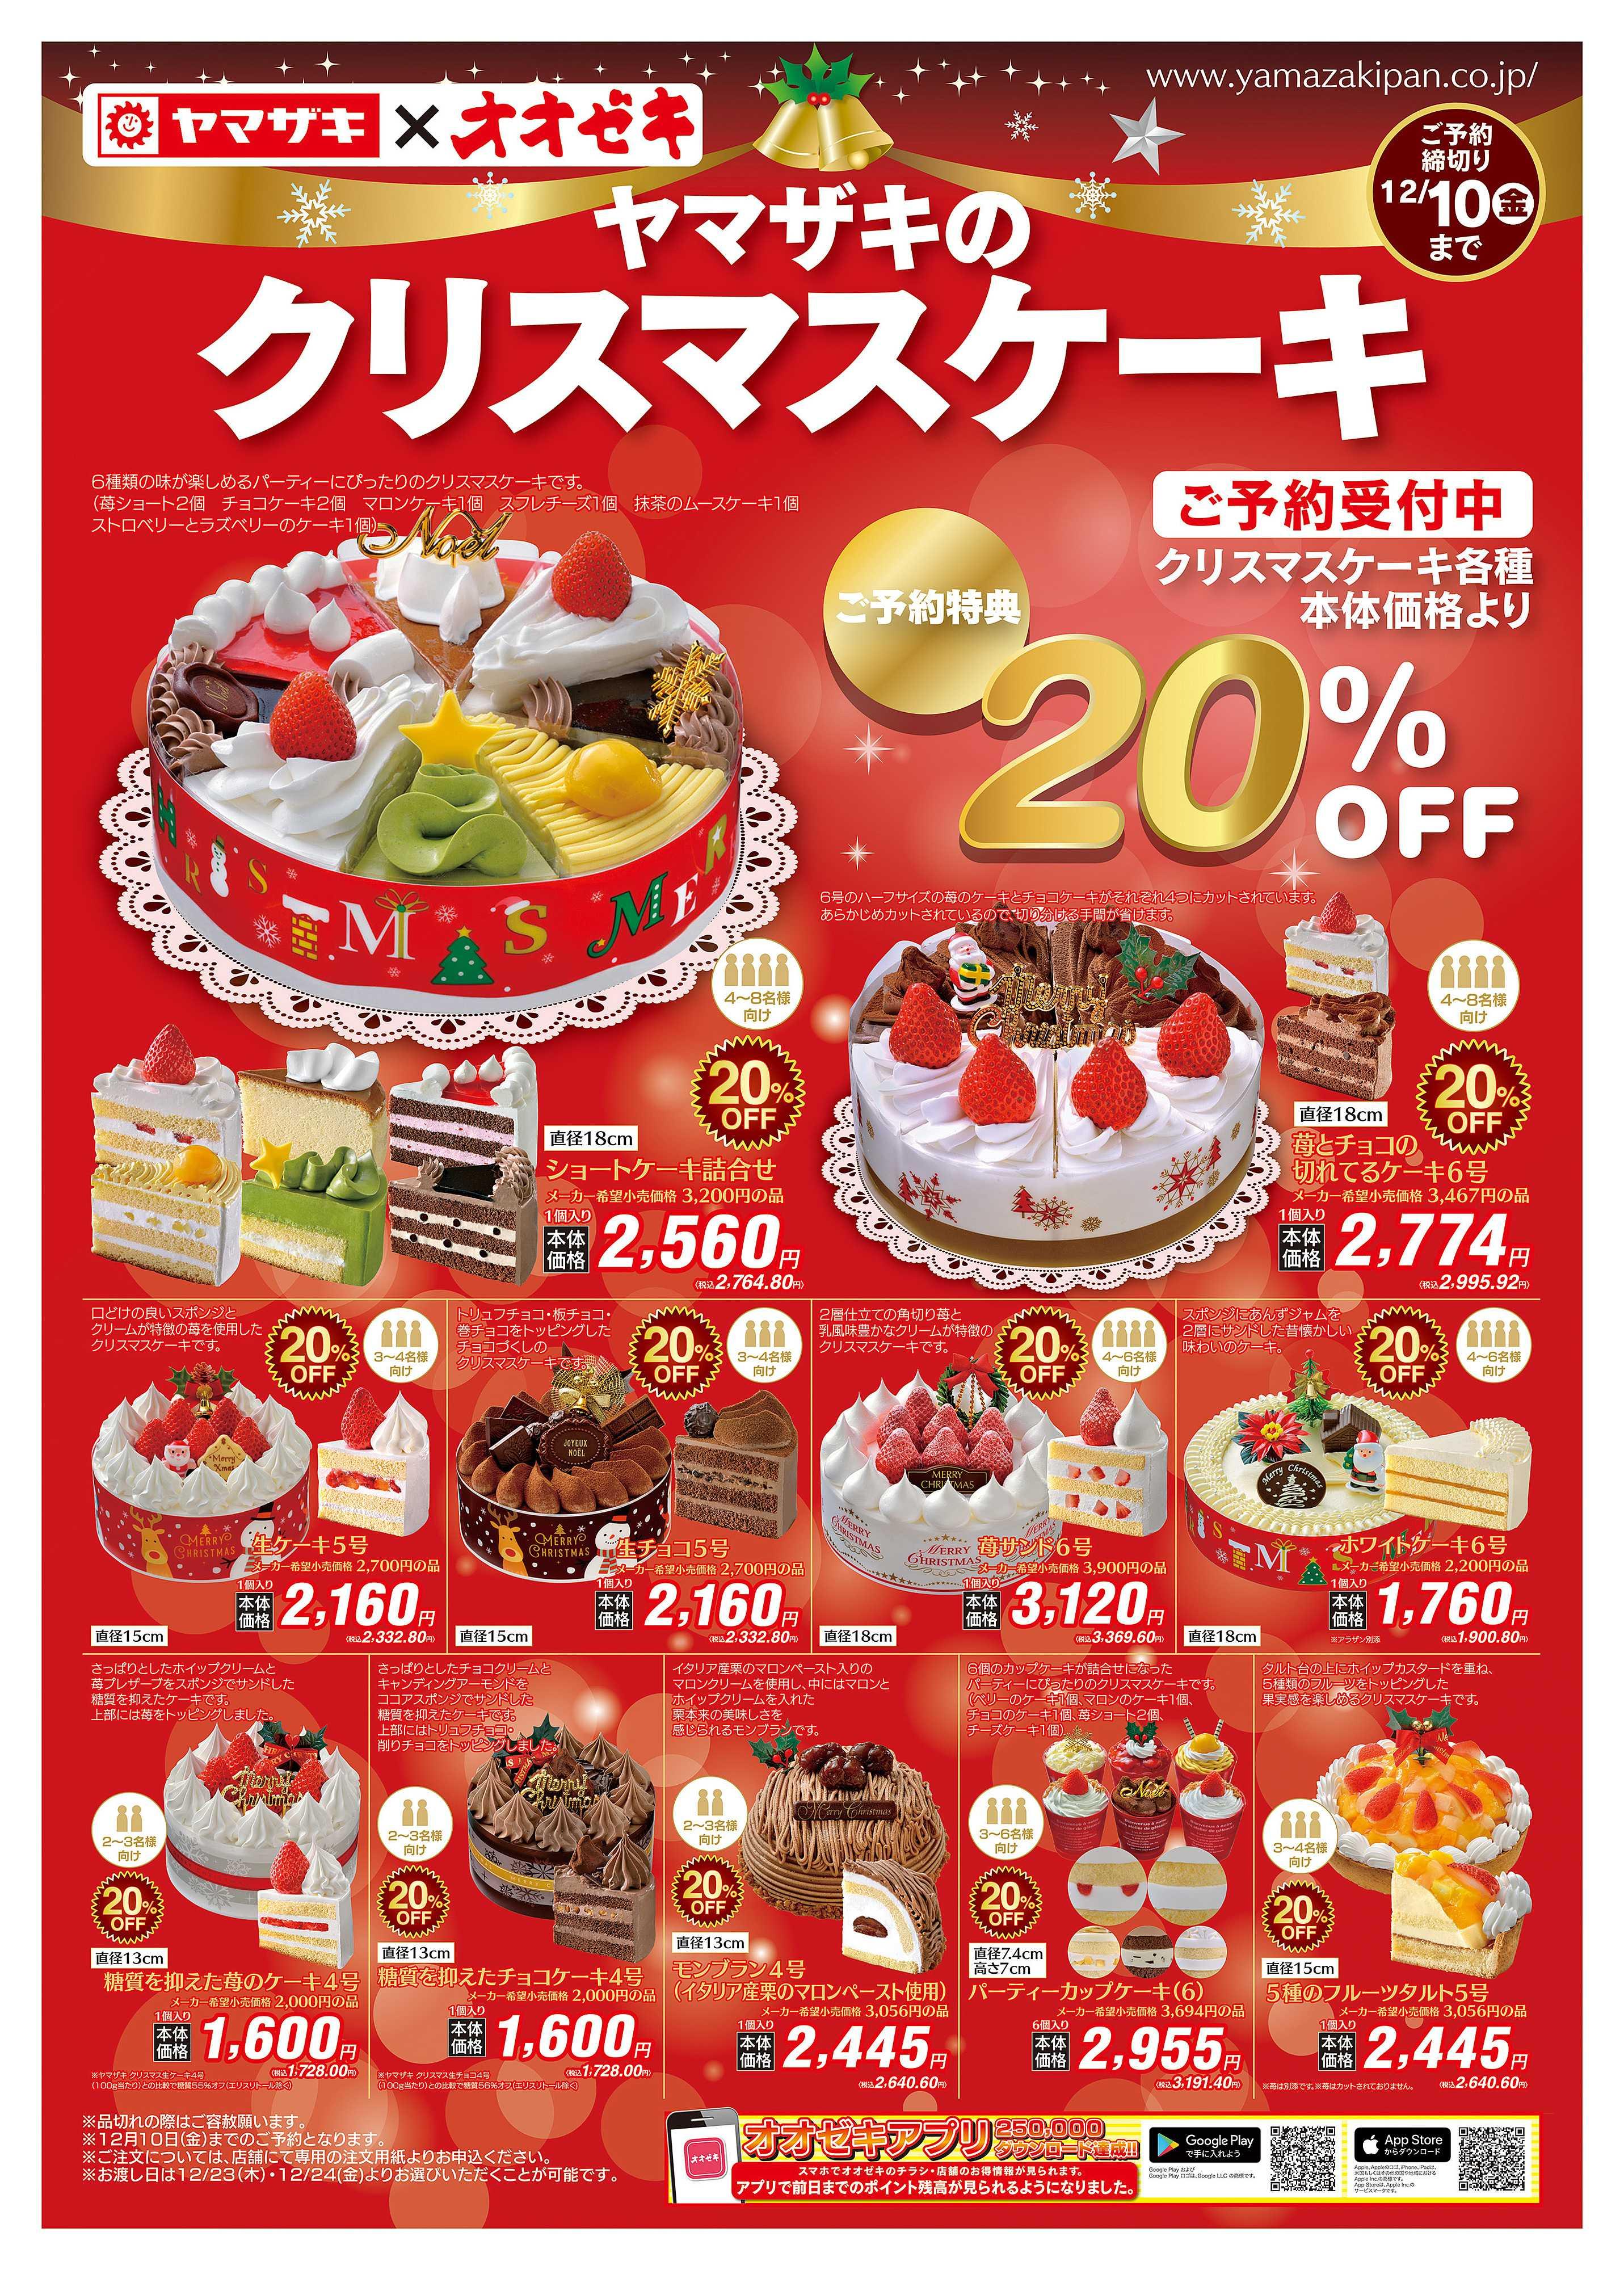 オオゼキ ヤマザキのクリスマスケーキ ご予約受付中